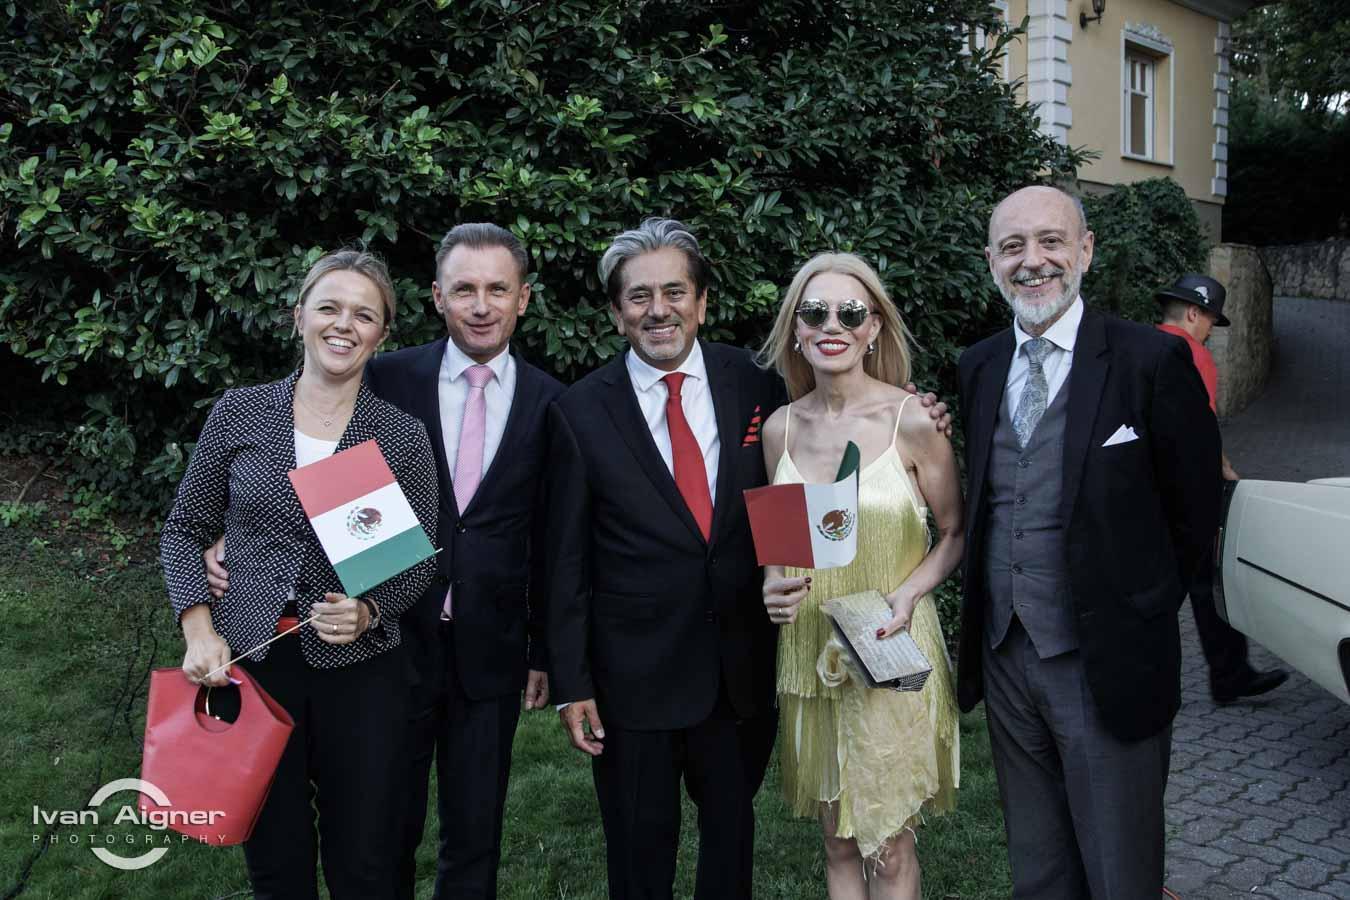 Őexc. David Nájera Rivas mexikói nagykövet Őexc. Raul Robert Kokalj szlovén nagykövet és hitvese, valamint Őexc. Maximiliano Gabriel Gregorio Cernadas argentín nagykövet és hitvese társaságában